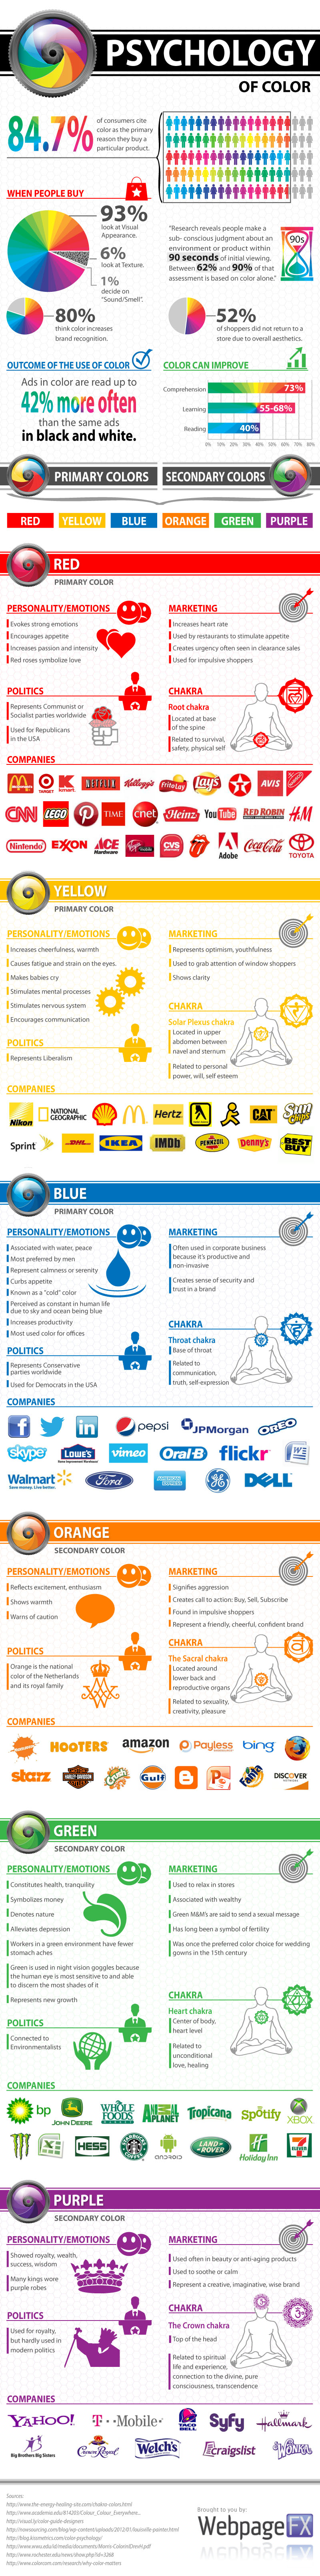 Cómo Combinar Colores - Infografía sobre la psicología del color